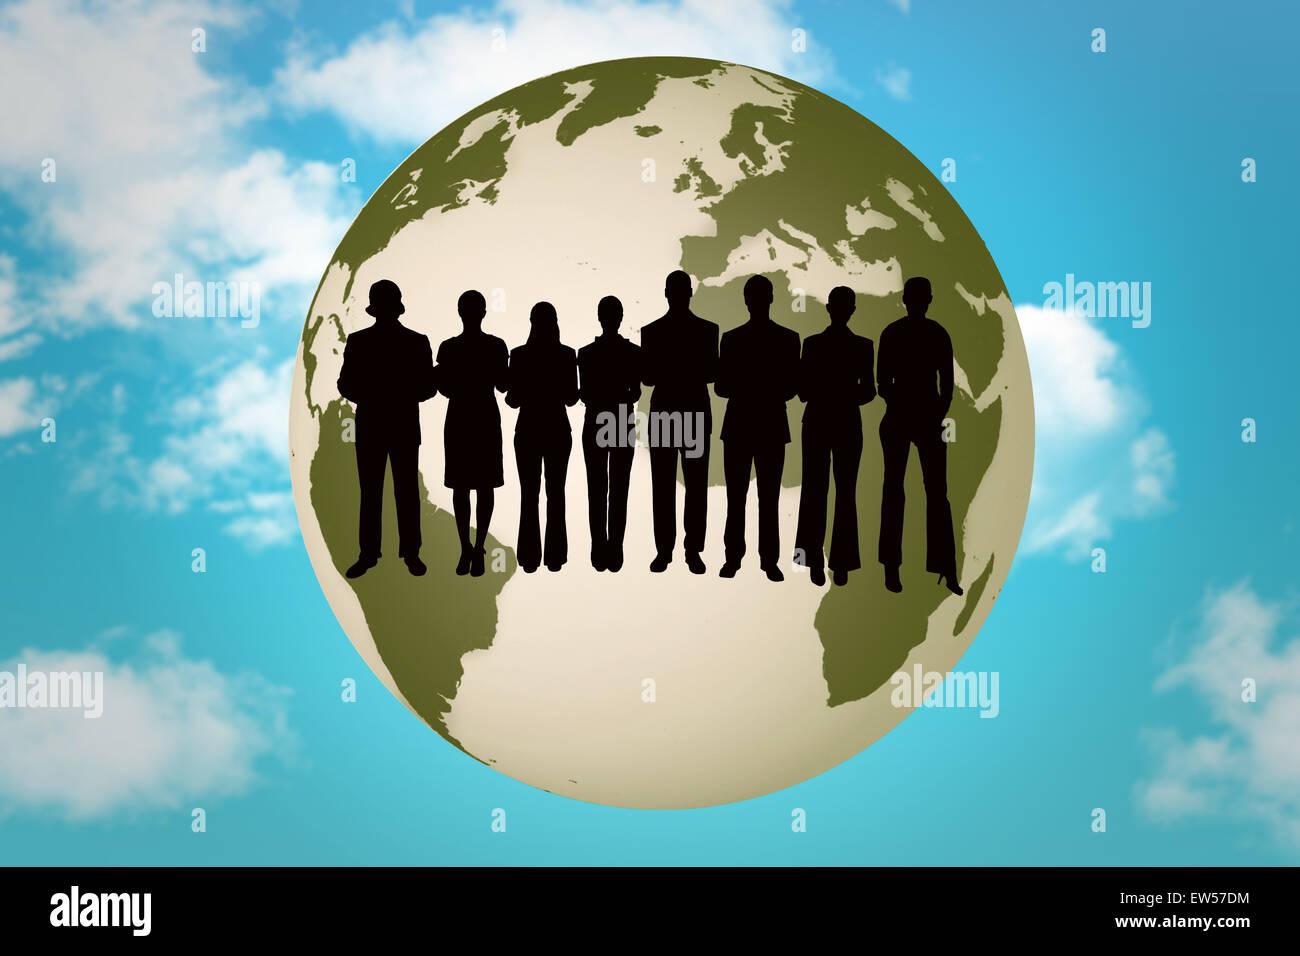 Imagen compuesta de silueta de empresarios en una fila Imagen De Stock